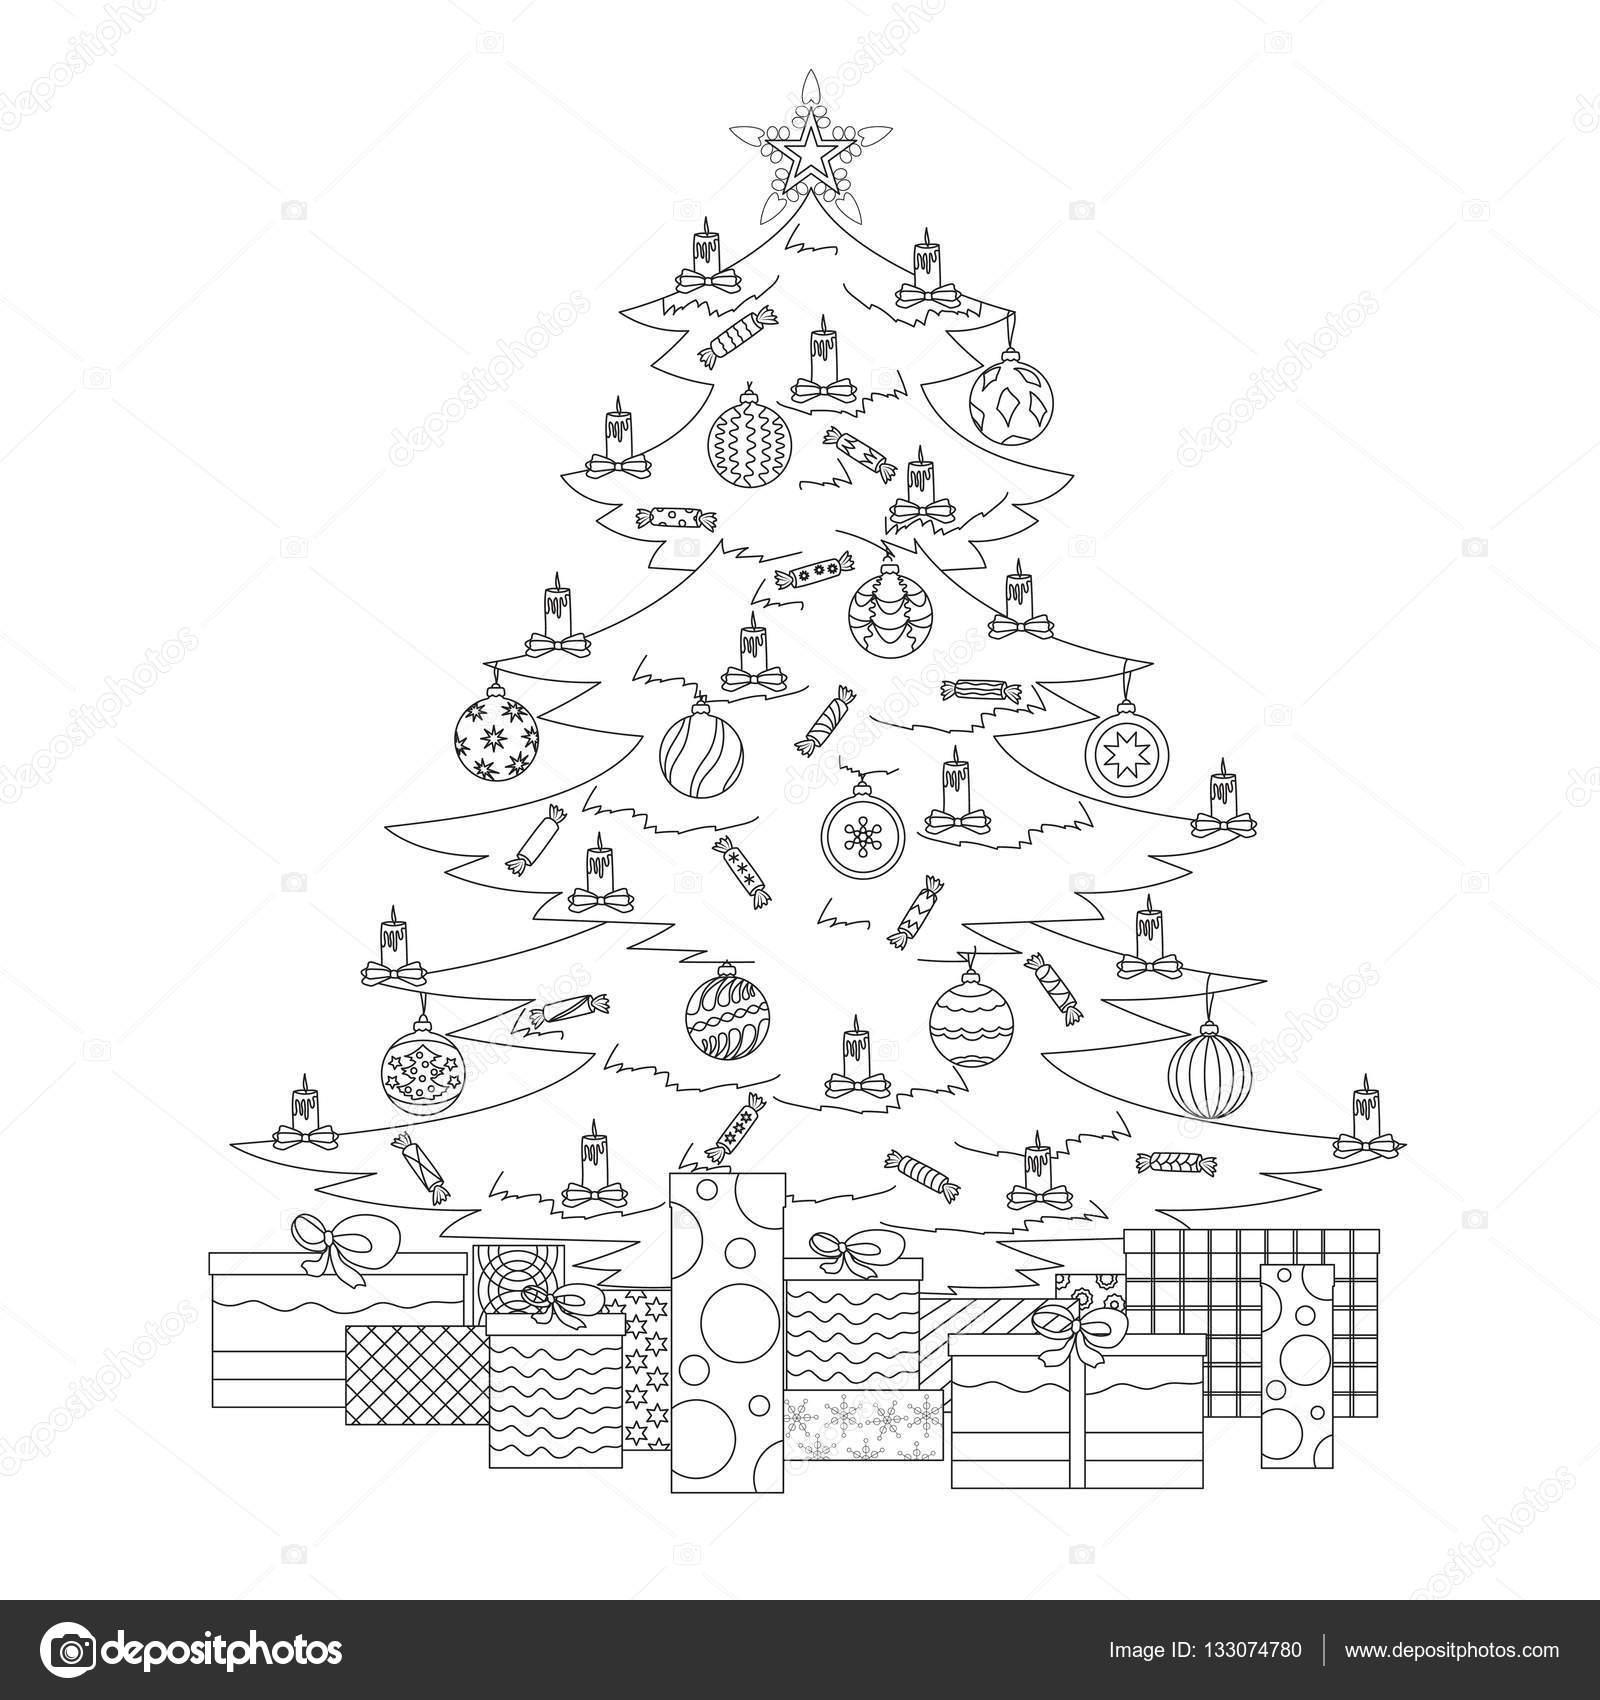 Malvorlagen mit Weihnachtsbaum, Sterne, Kugeln, Süßigkeiten, Kerzen ...